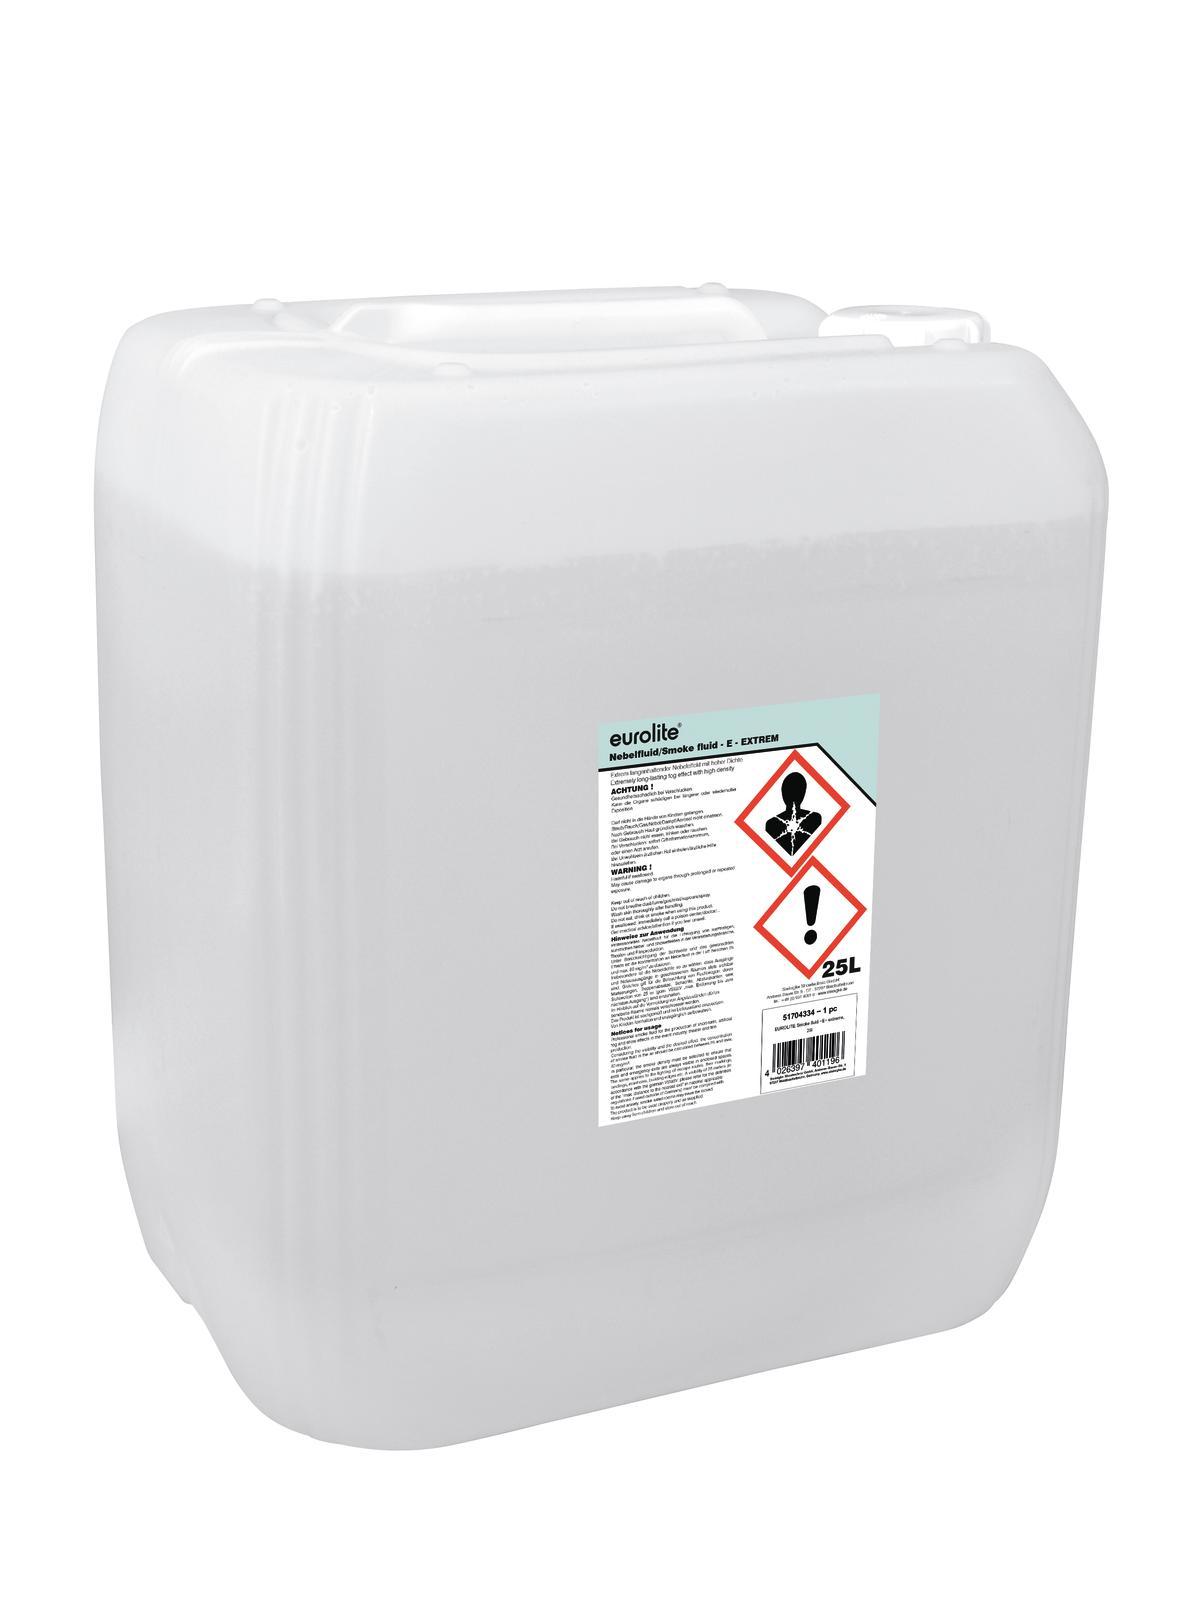 Liquido per macchina del fumo, estremo, 25 litri, EUROLITE